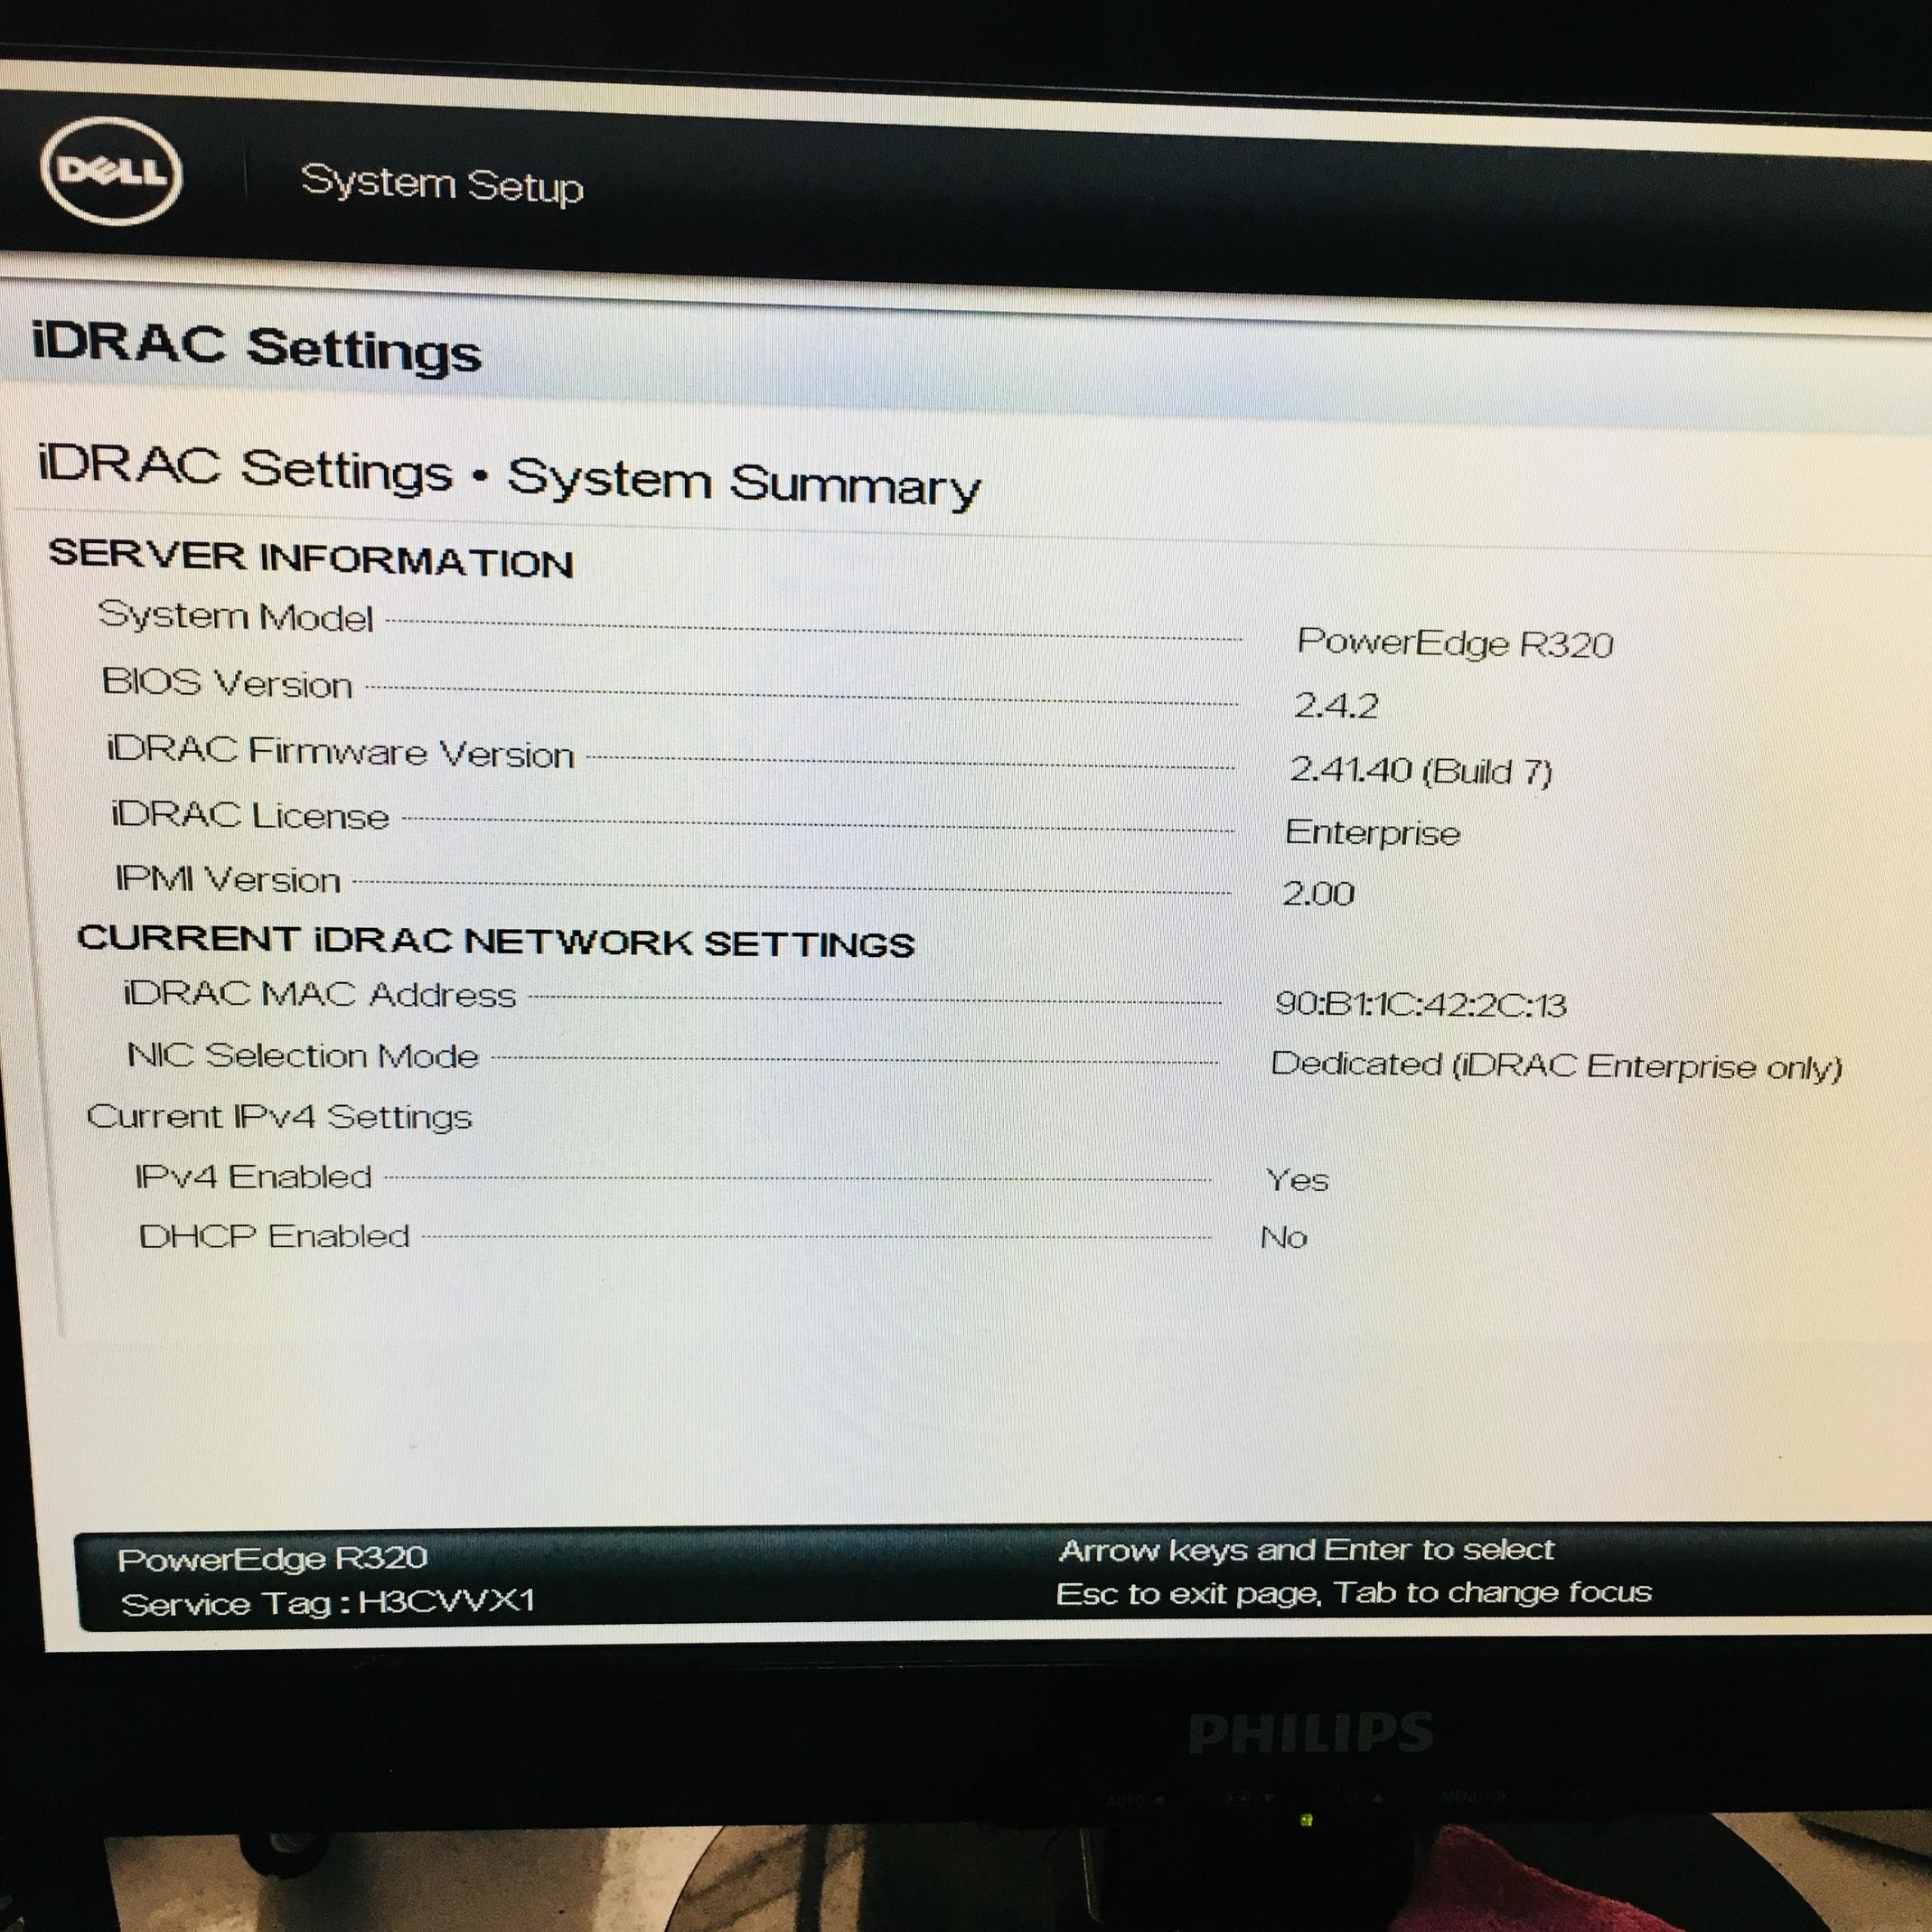 Dell R320 Idrac